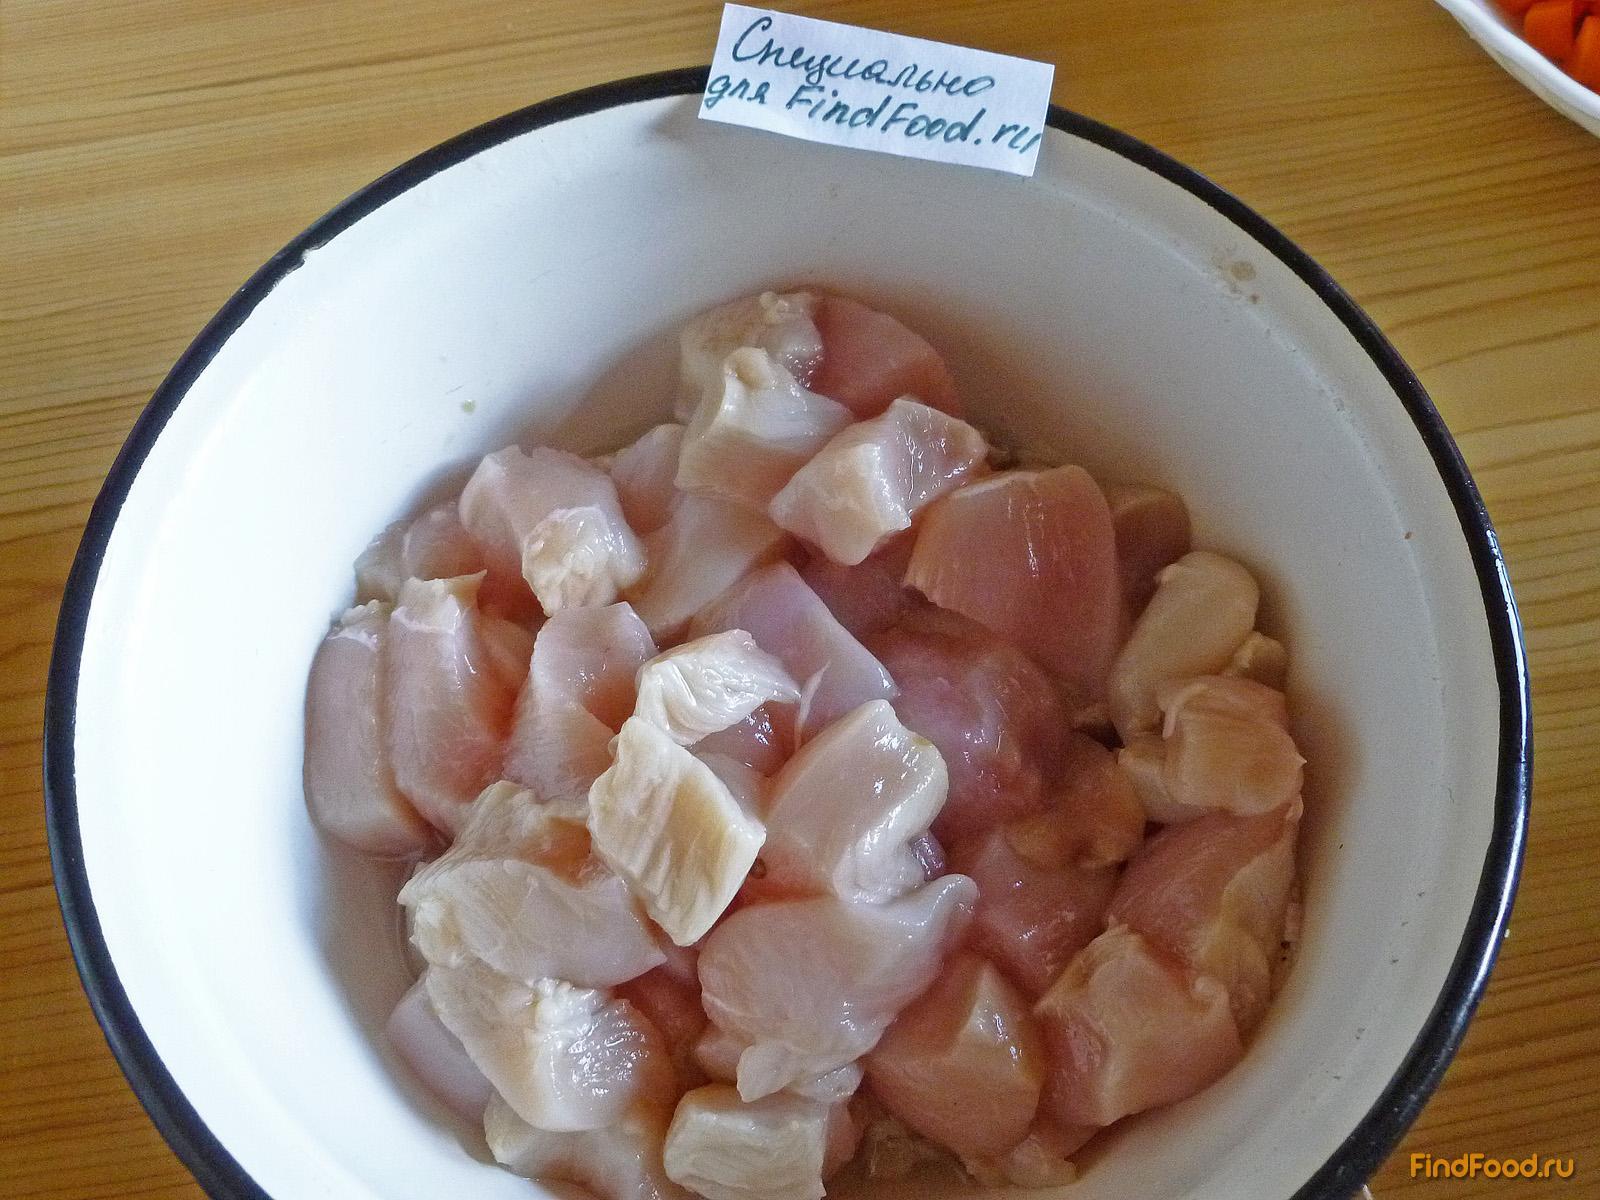 Новый салат селедка под шубой рецепт с фото